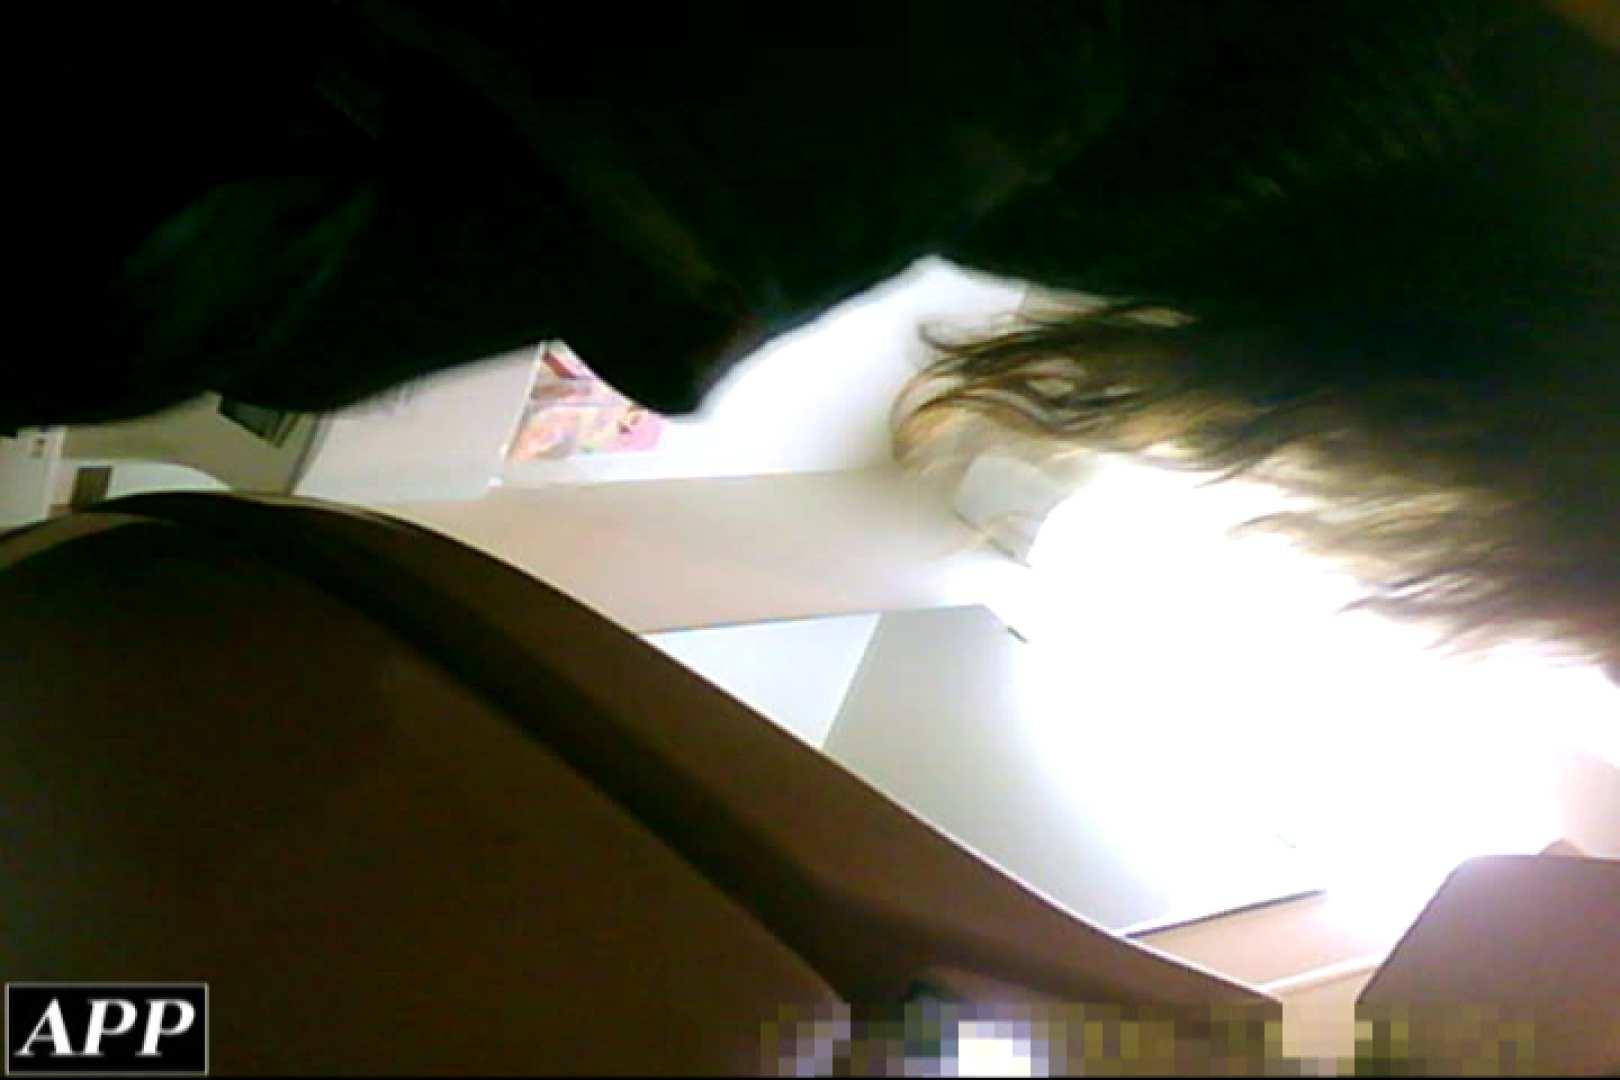 3視点洗面所 vol.144 無修正オマンコ ヌード画像 79画像 46